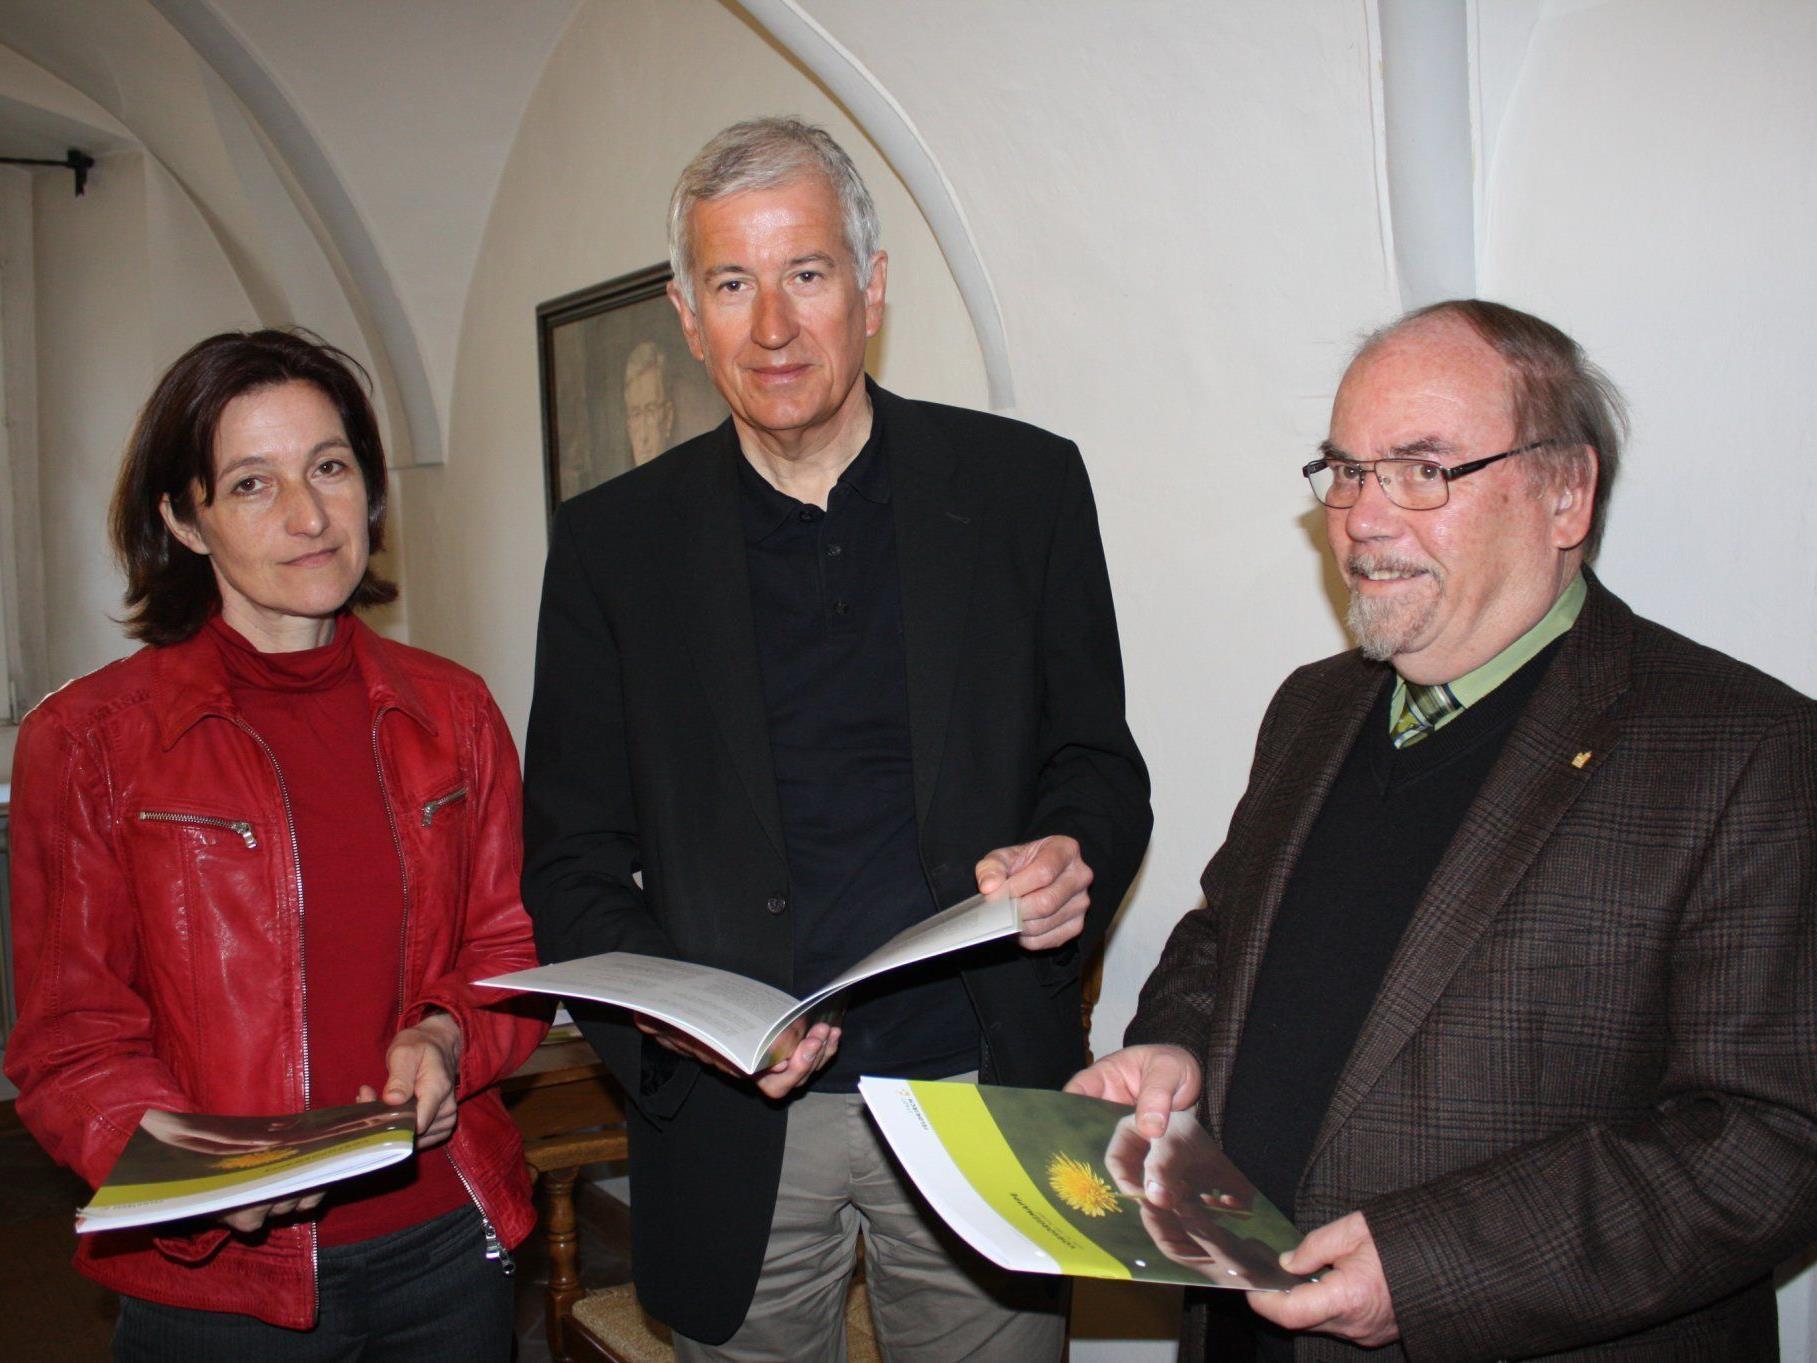 Natalie Wojtech vom Bürgerservice, Bürgermeister Wilfried Berchtold und Egon Wehinger, Obmann des Seniorenbeirats, stellten die Vorsorgemappe gemeinsam vor.